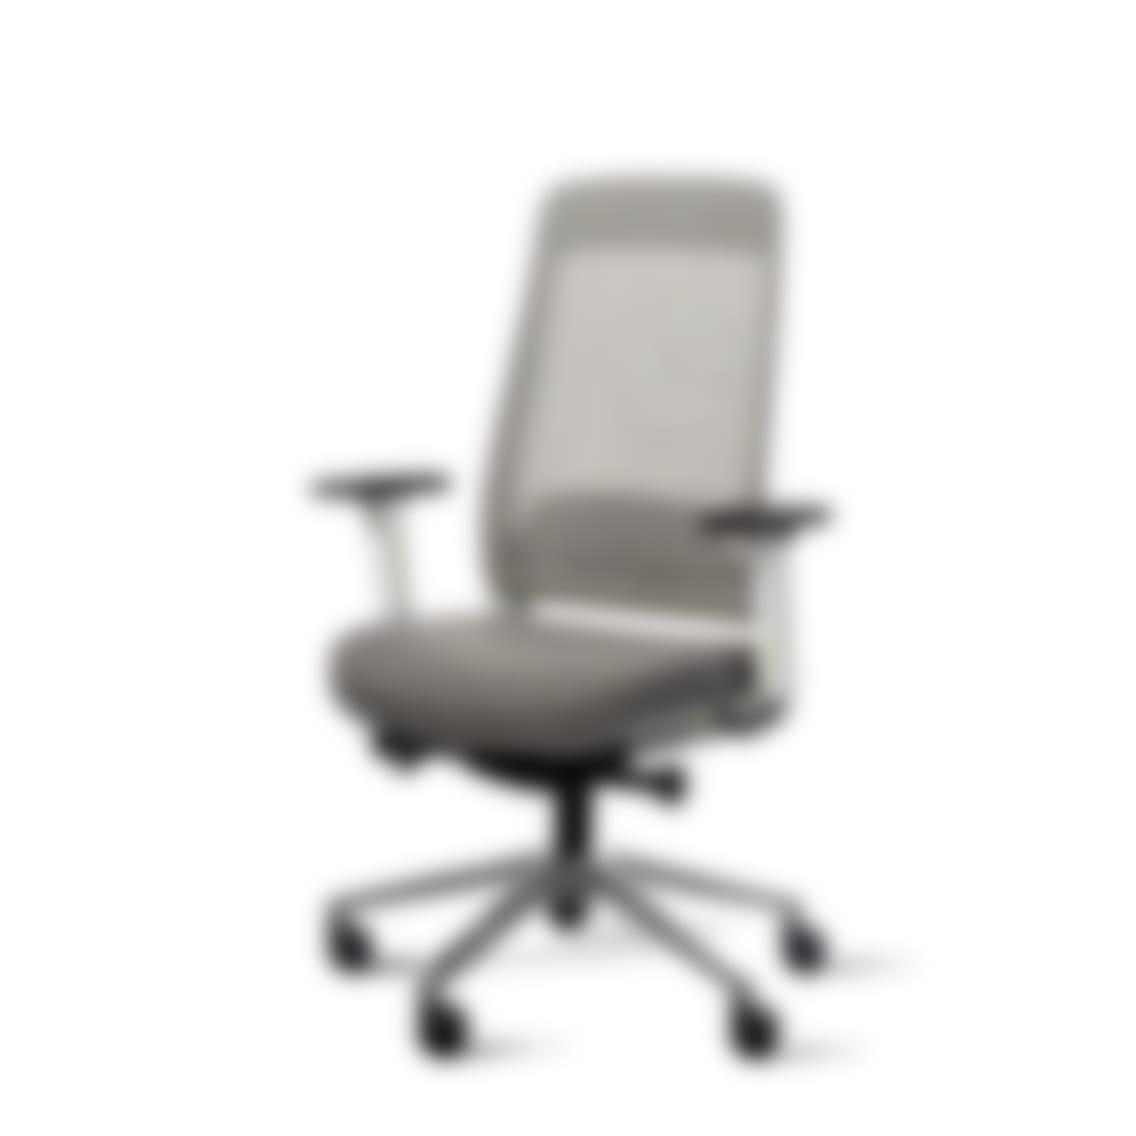 Fully desk chair white